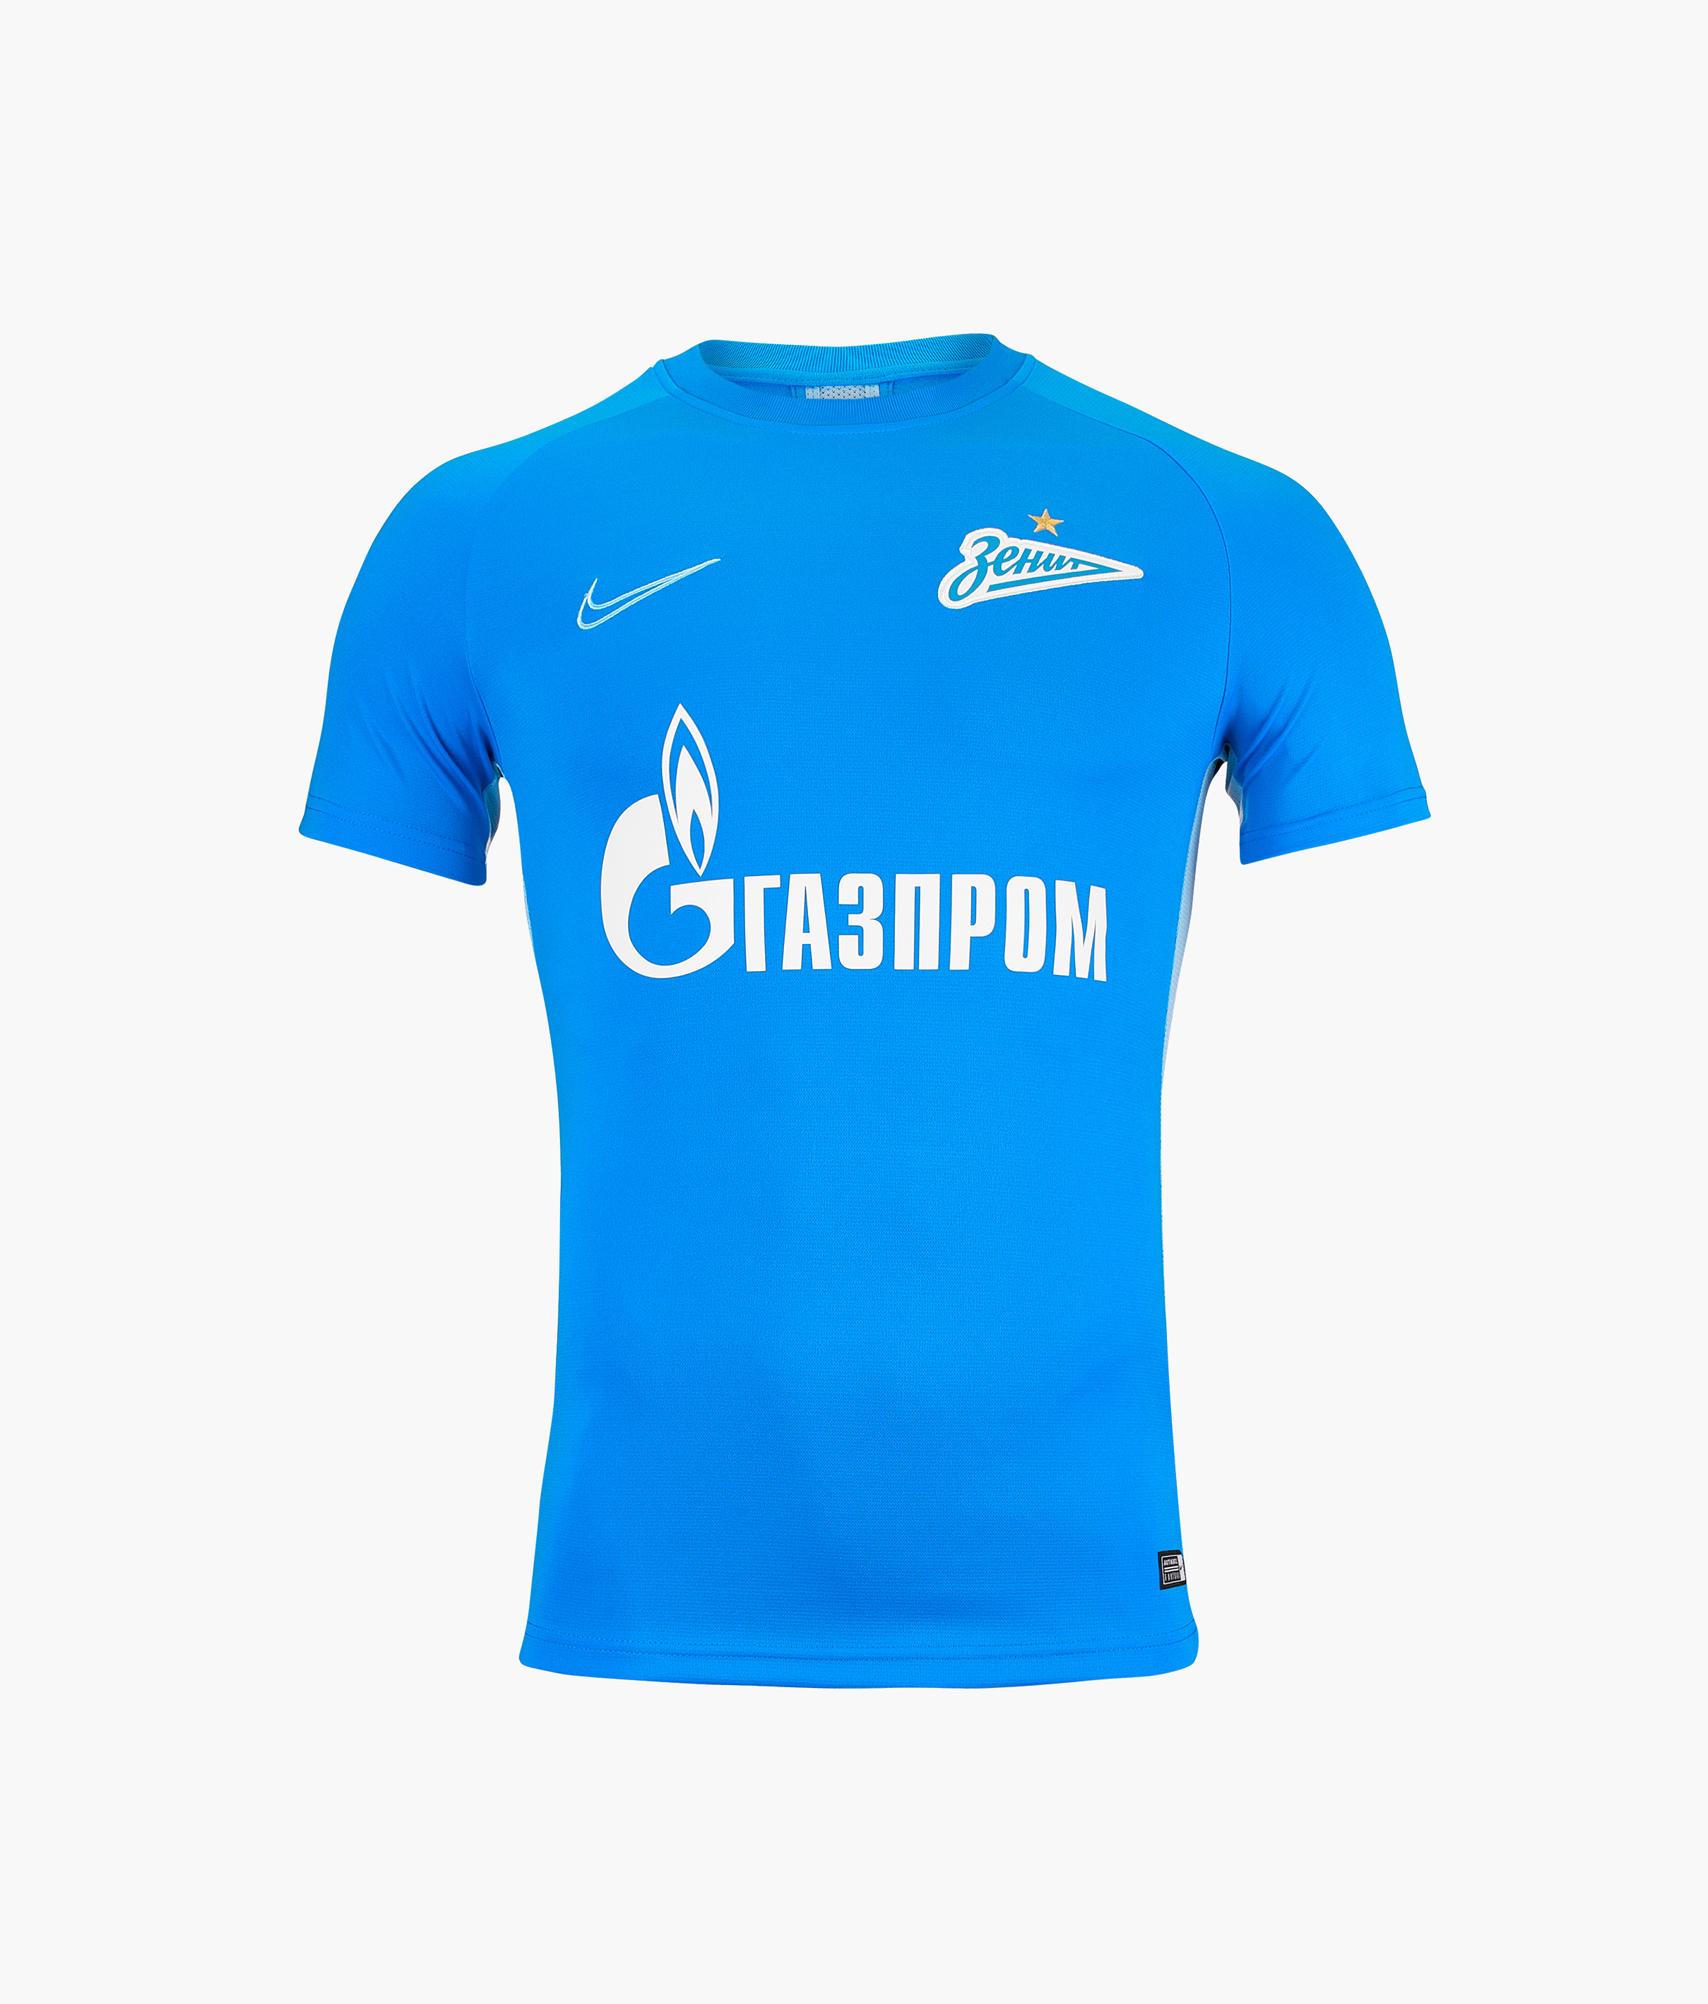 Футболка тренировочная Nike Zenit 2019/20 Цвет-Синий